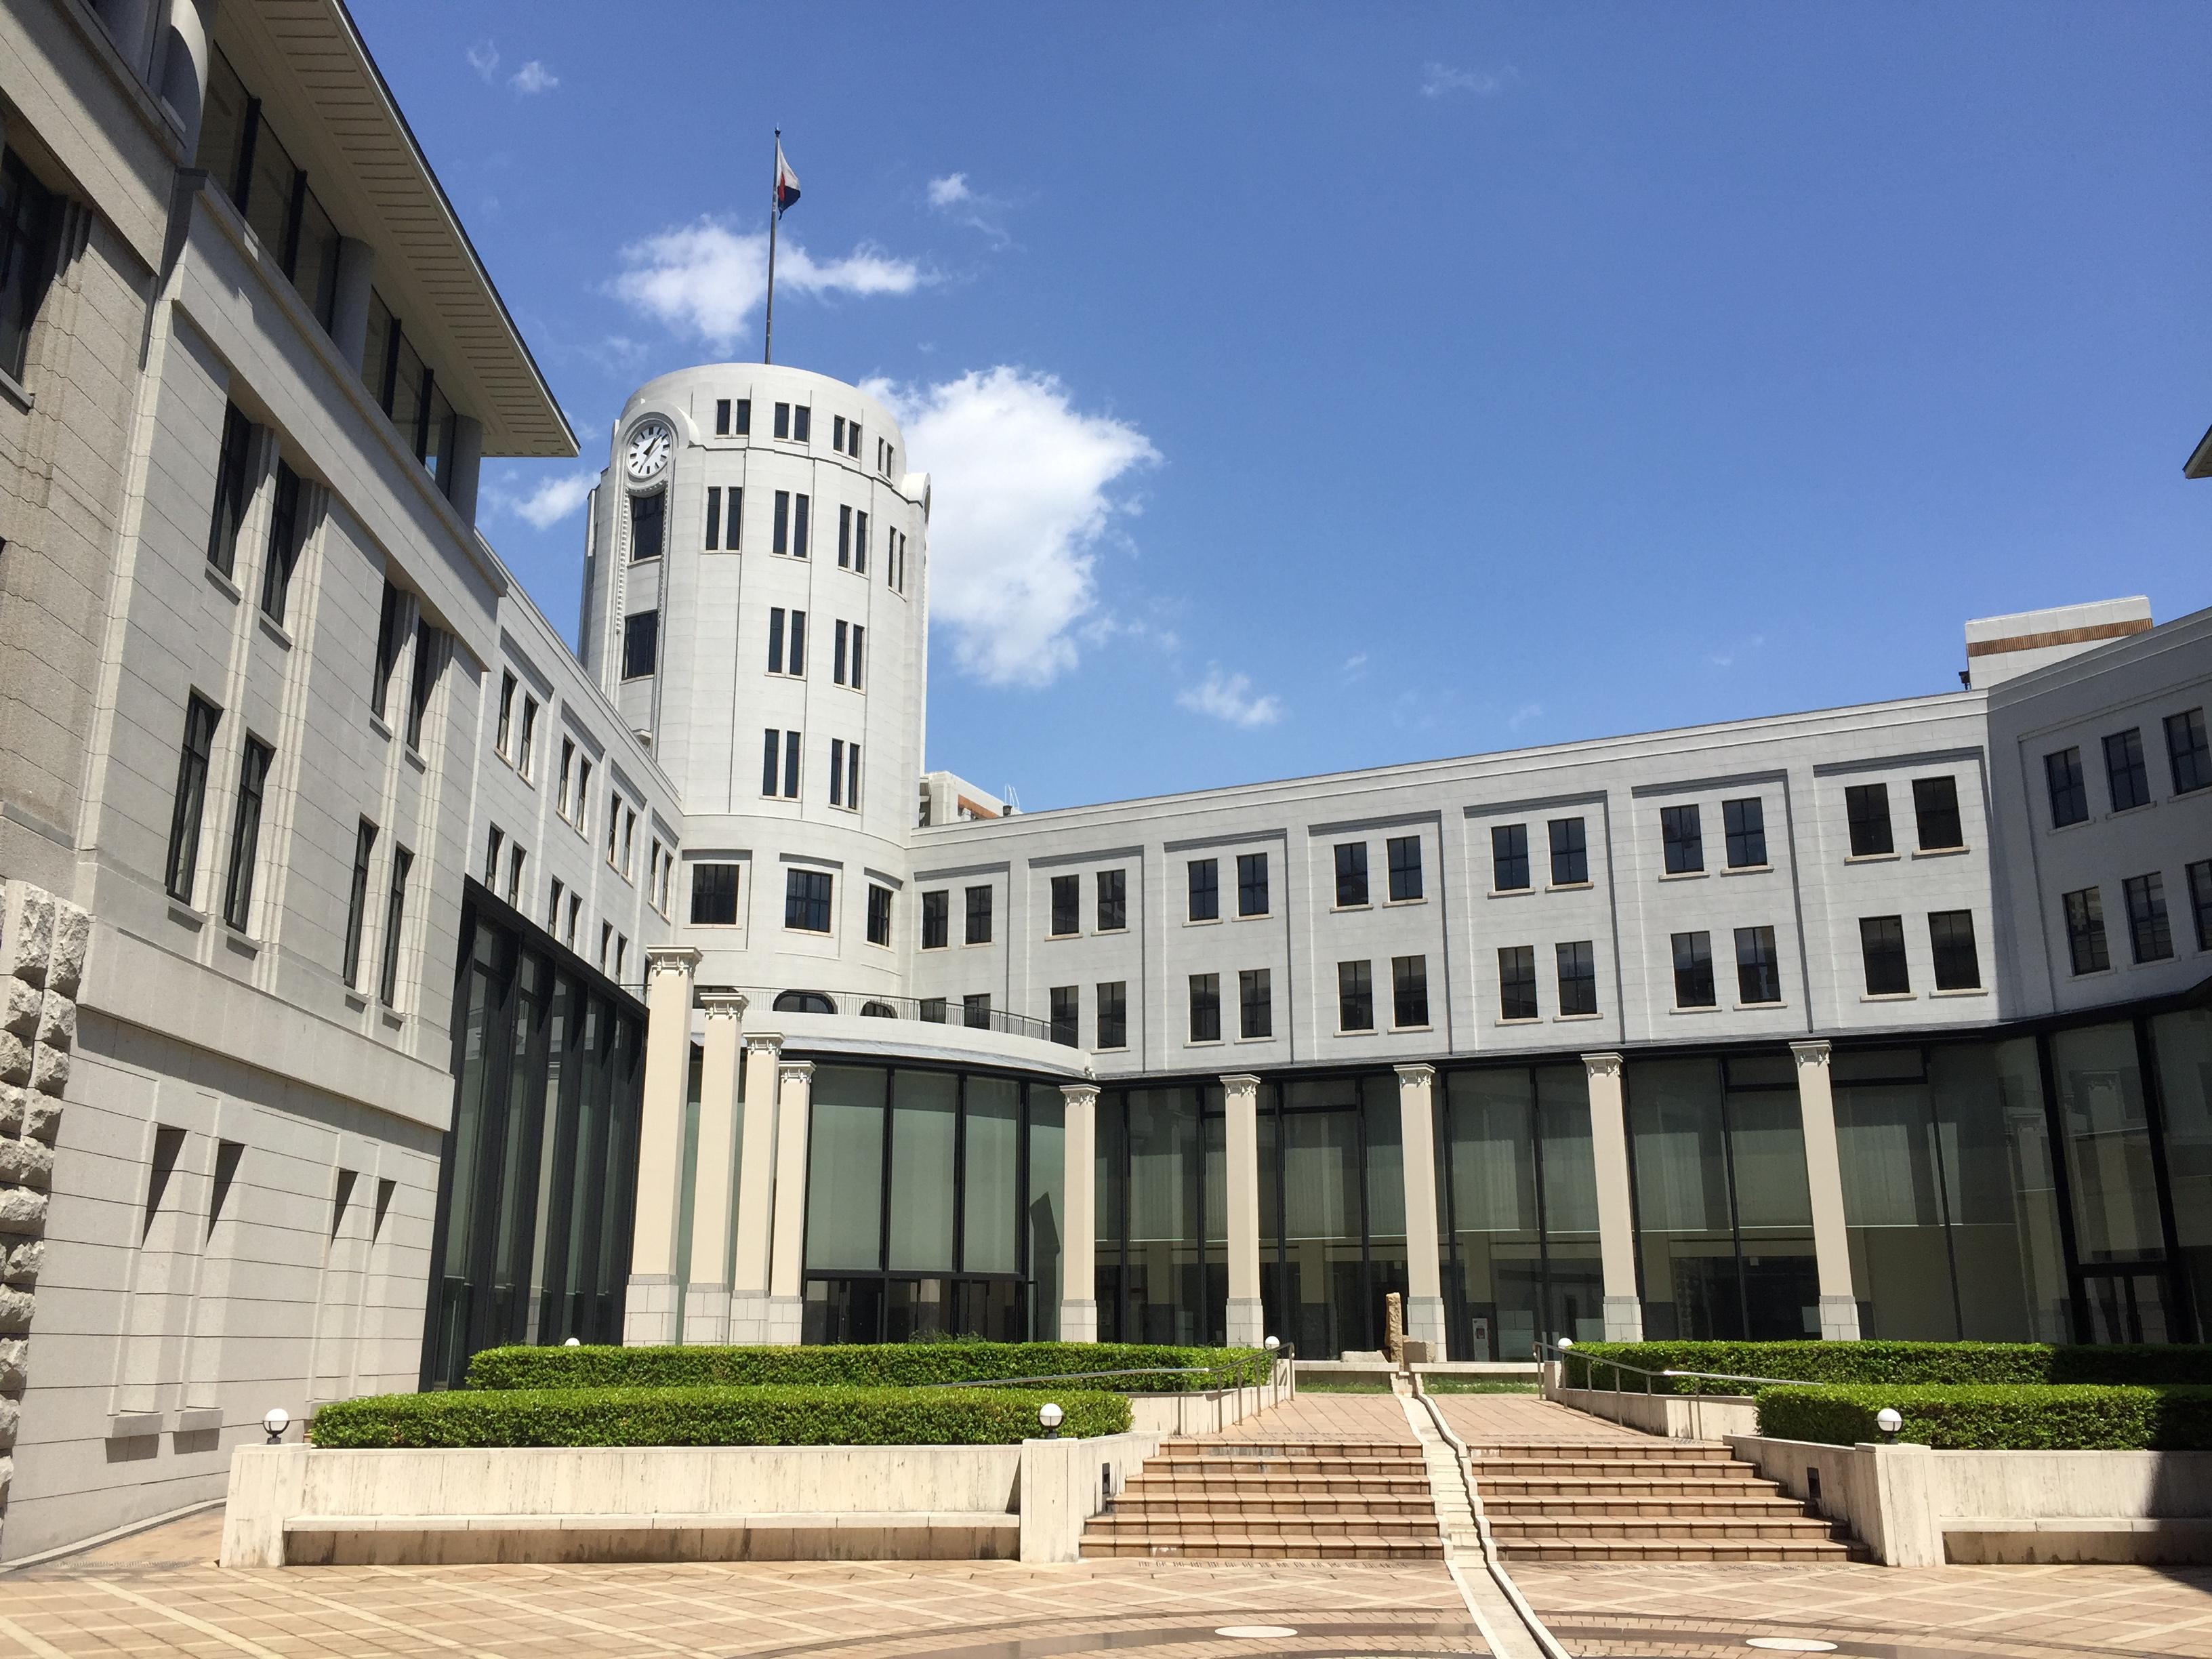 神戸税関庁舎を見学&ランチ定食を堪能したよ【大人の社会見学&神戸開港150年】